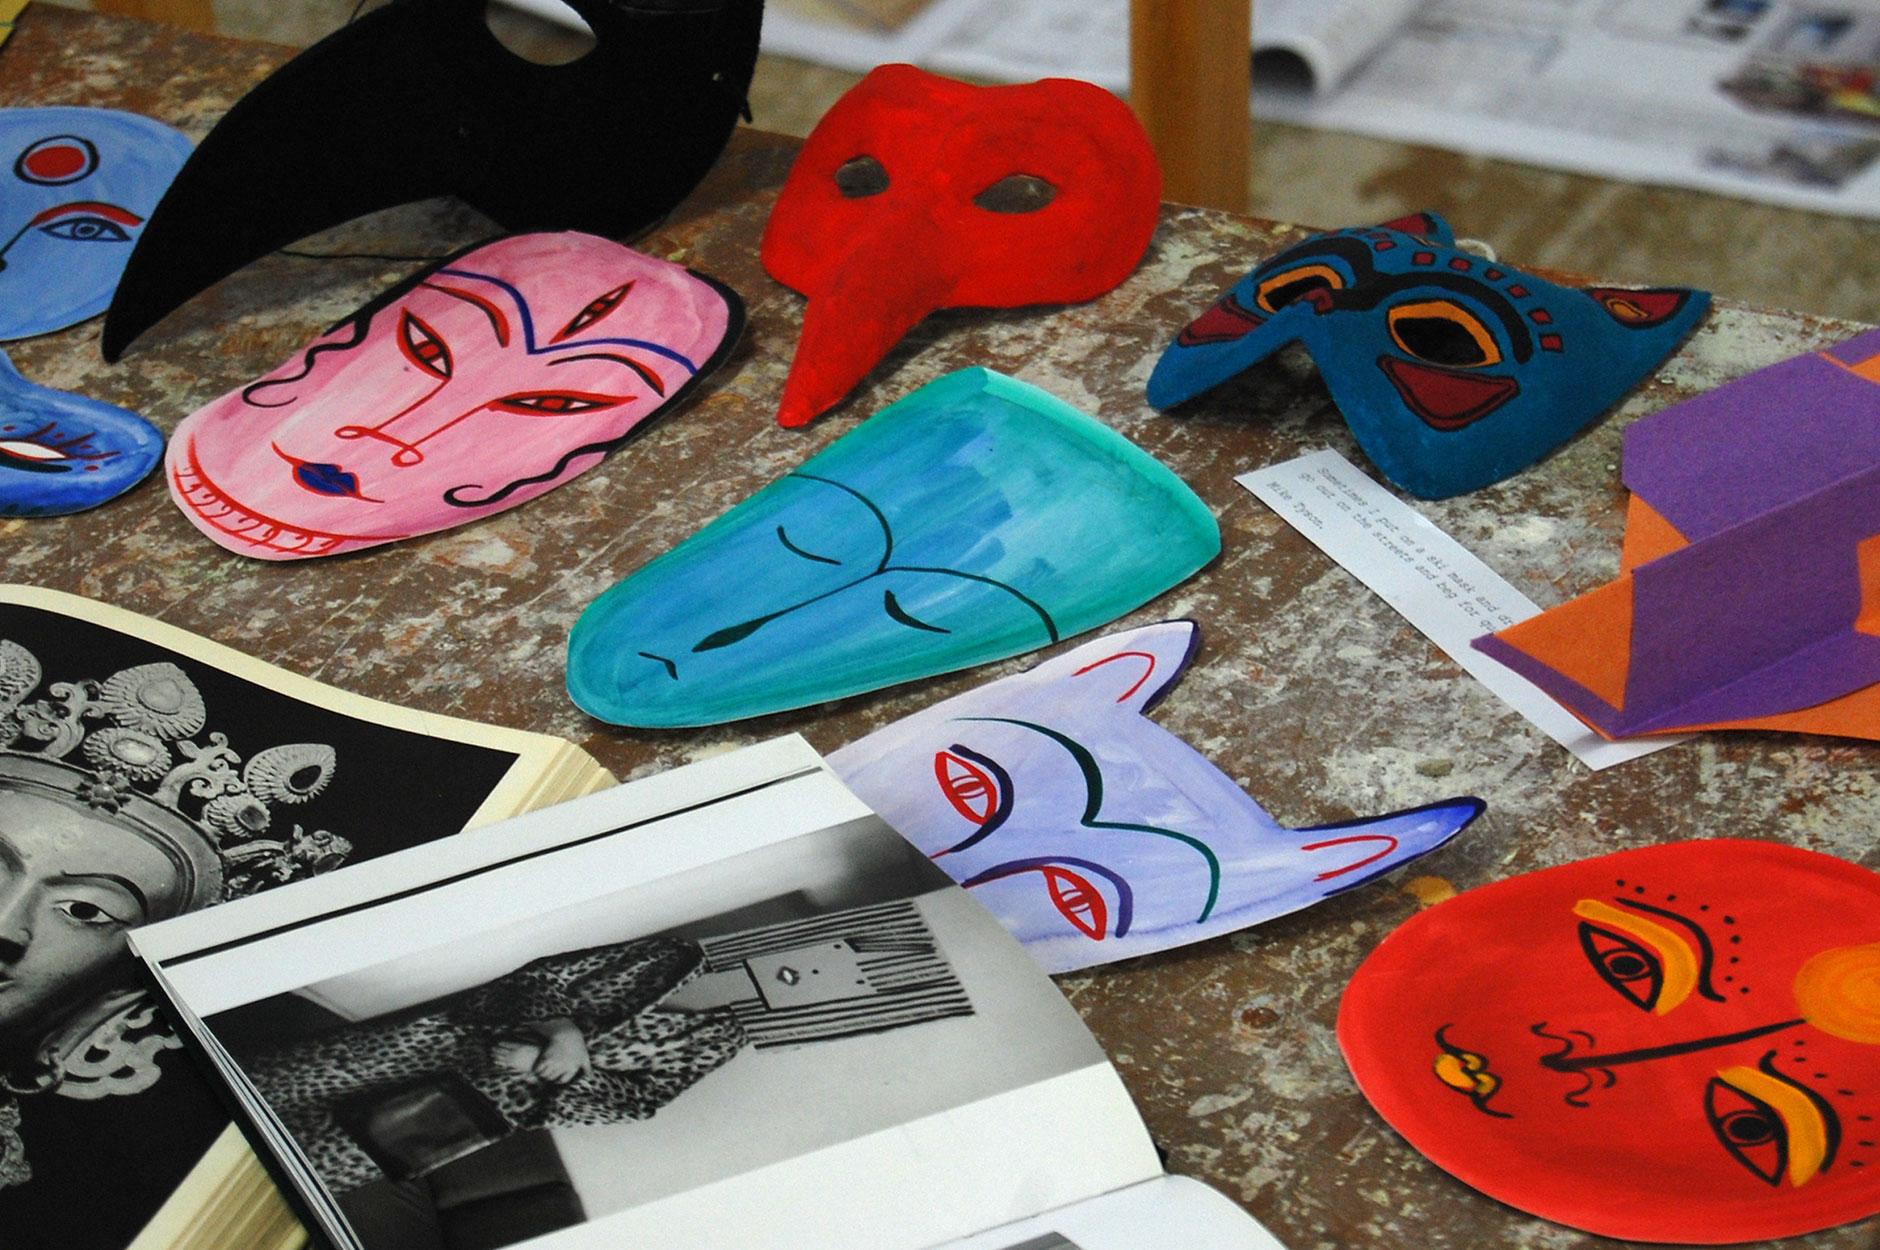 Cardiff Design Festival Mask-Making Workshop 2013